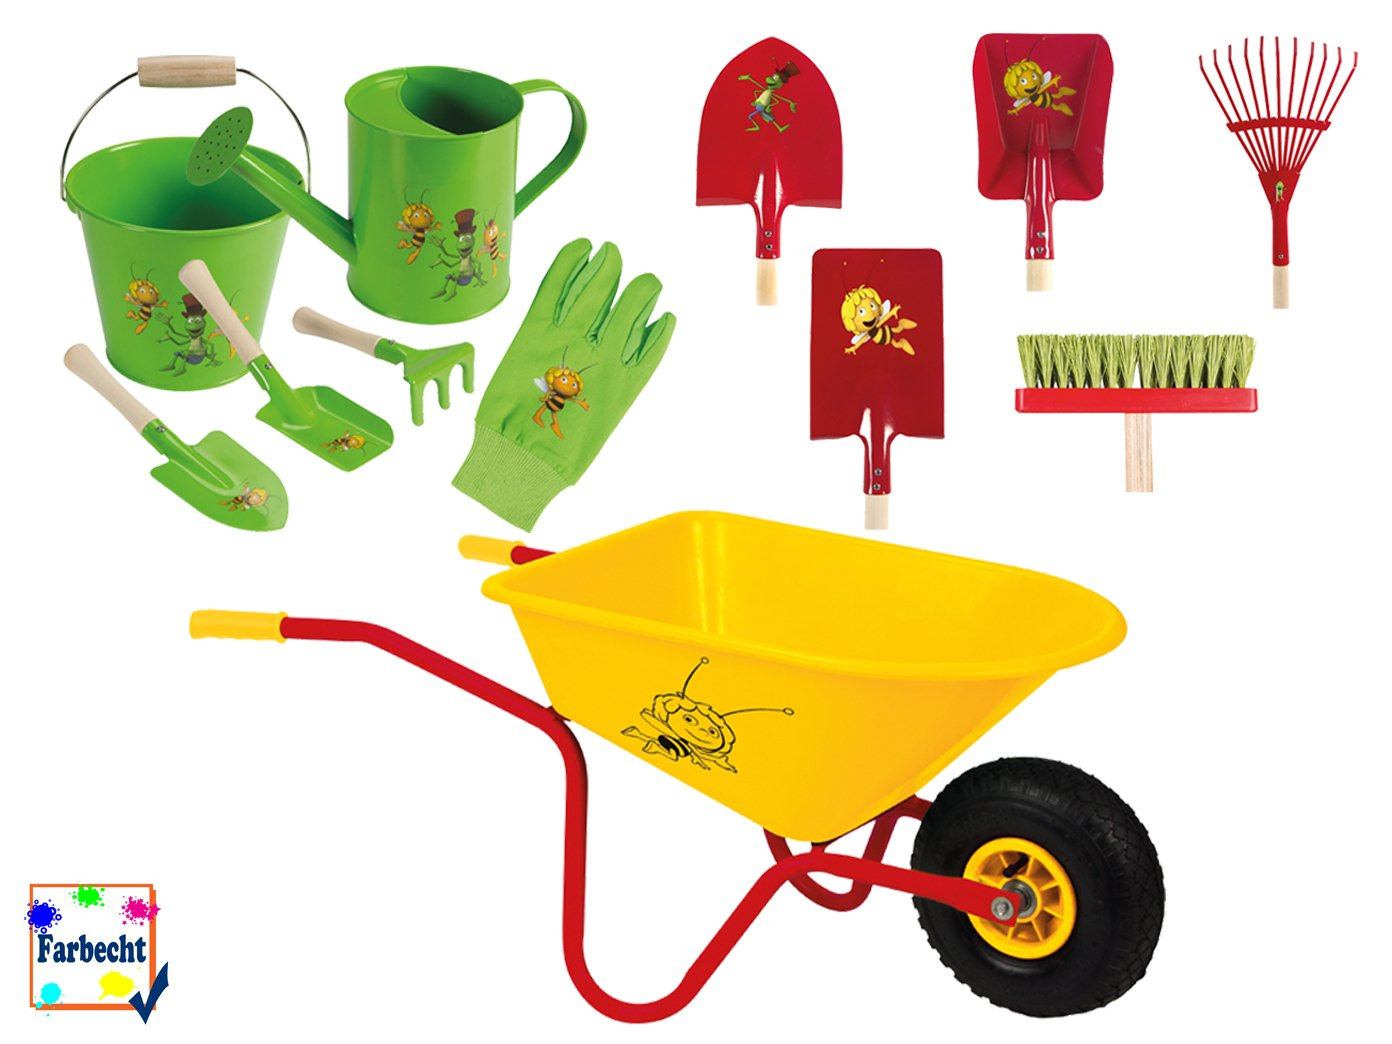 VELLEMAN Großes Gartenspielzeug-Set für Kinder -DIE BIENE MAJA- günstig bestellen